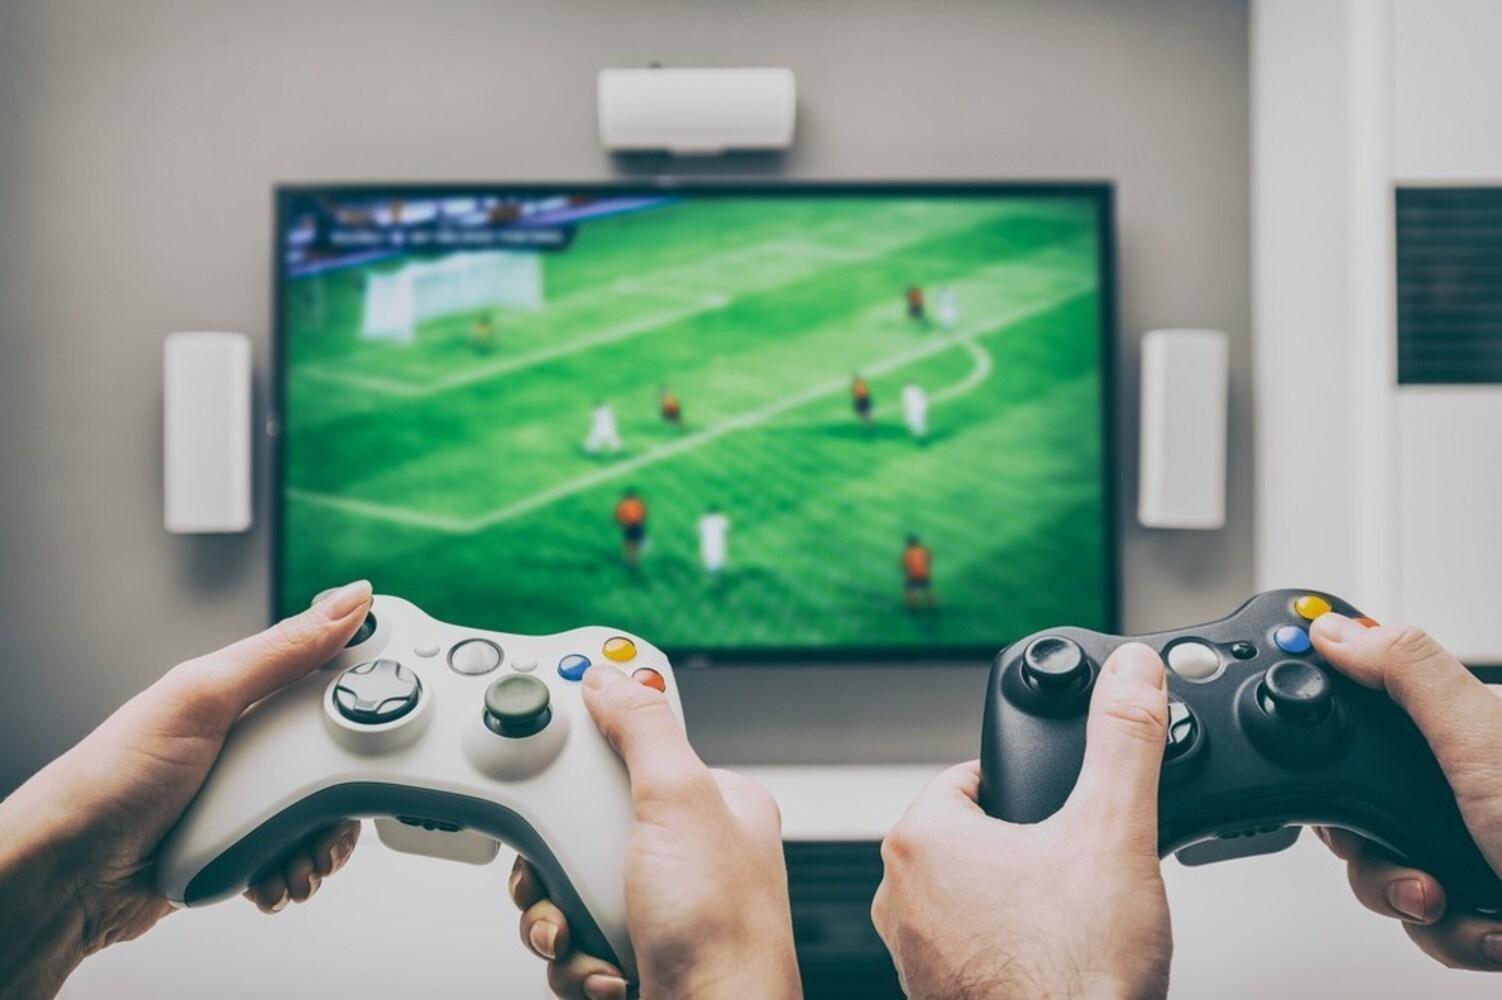 PS4などのゲームプレイに適した4Kモニターは?